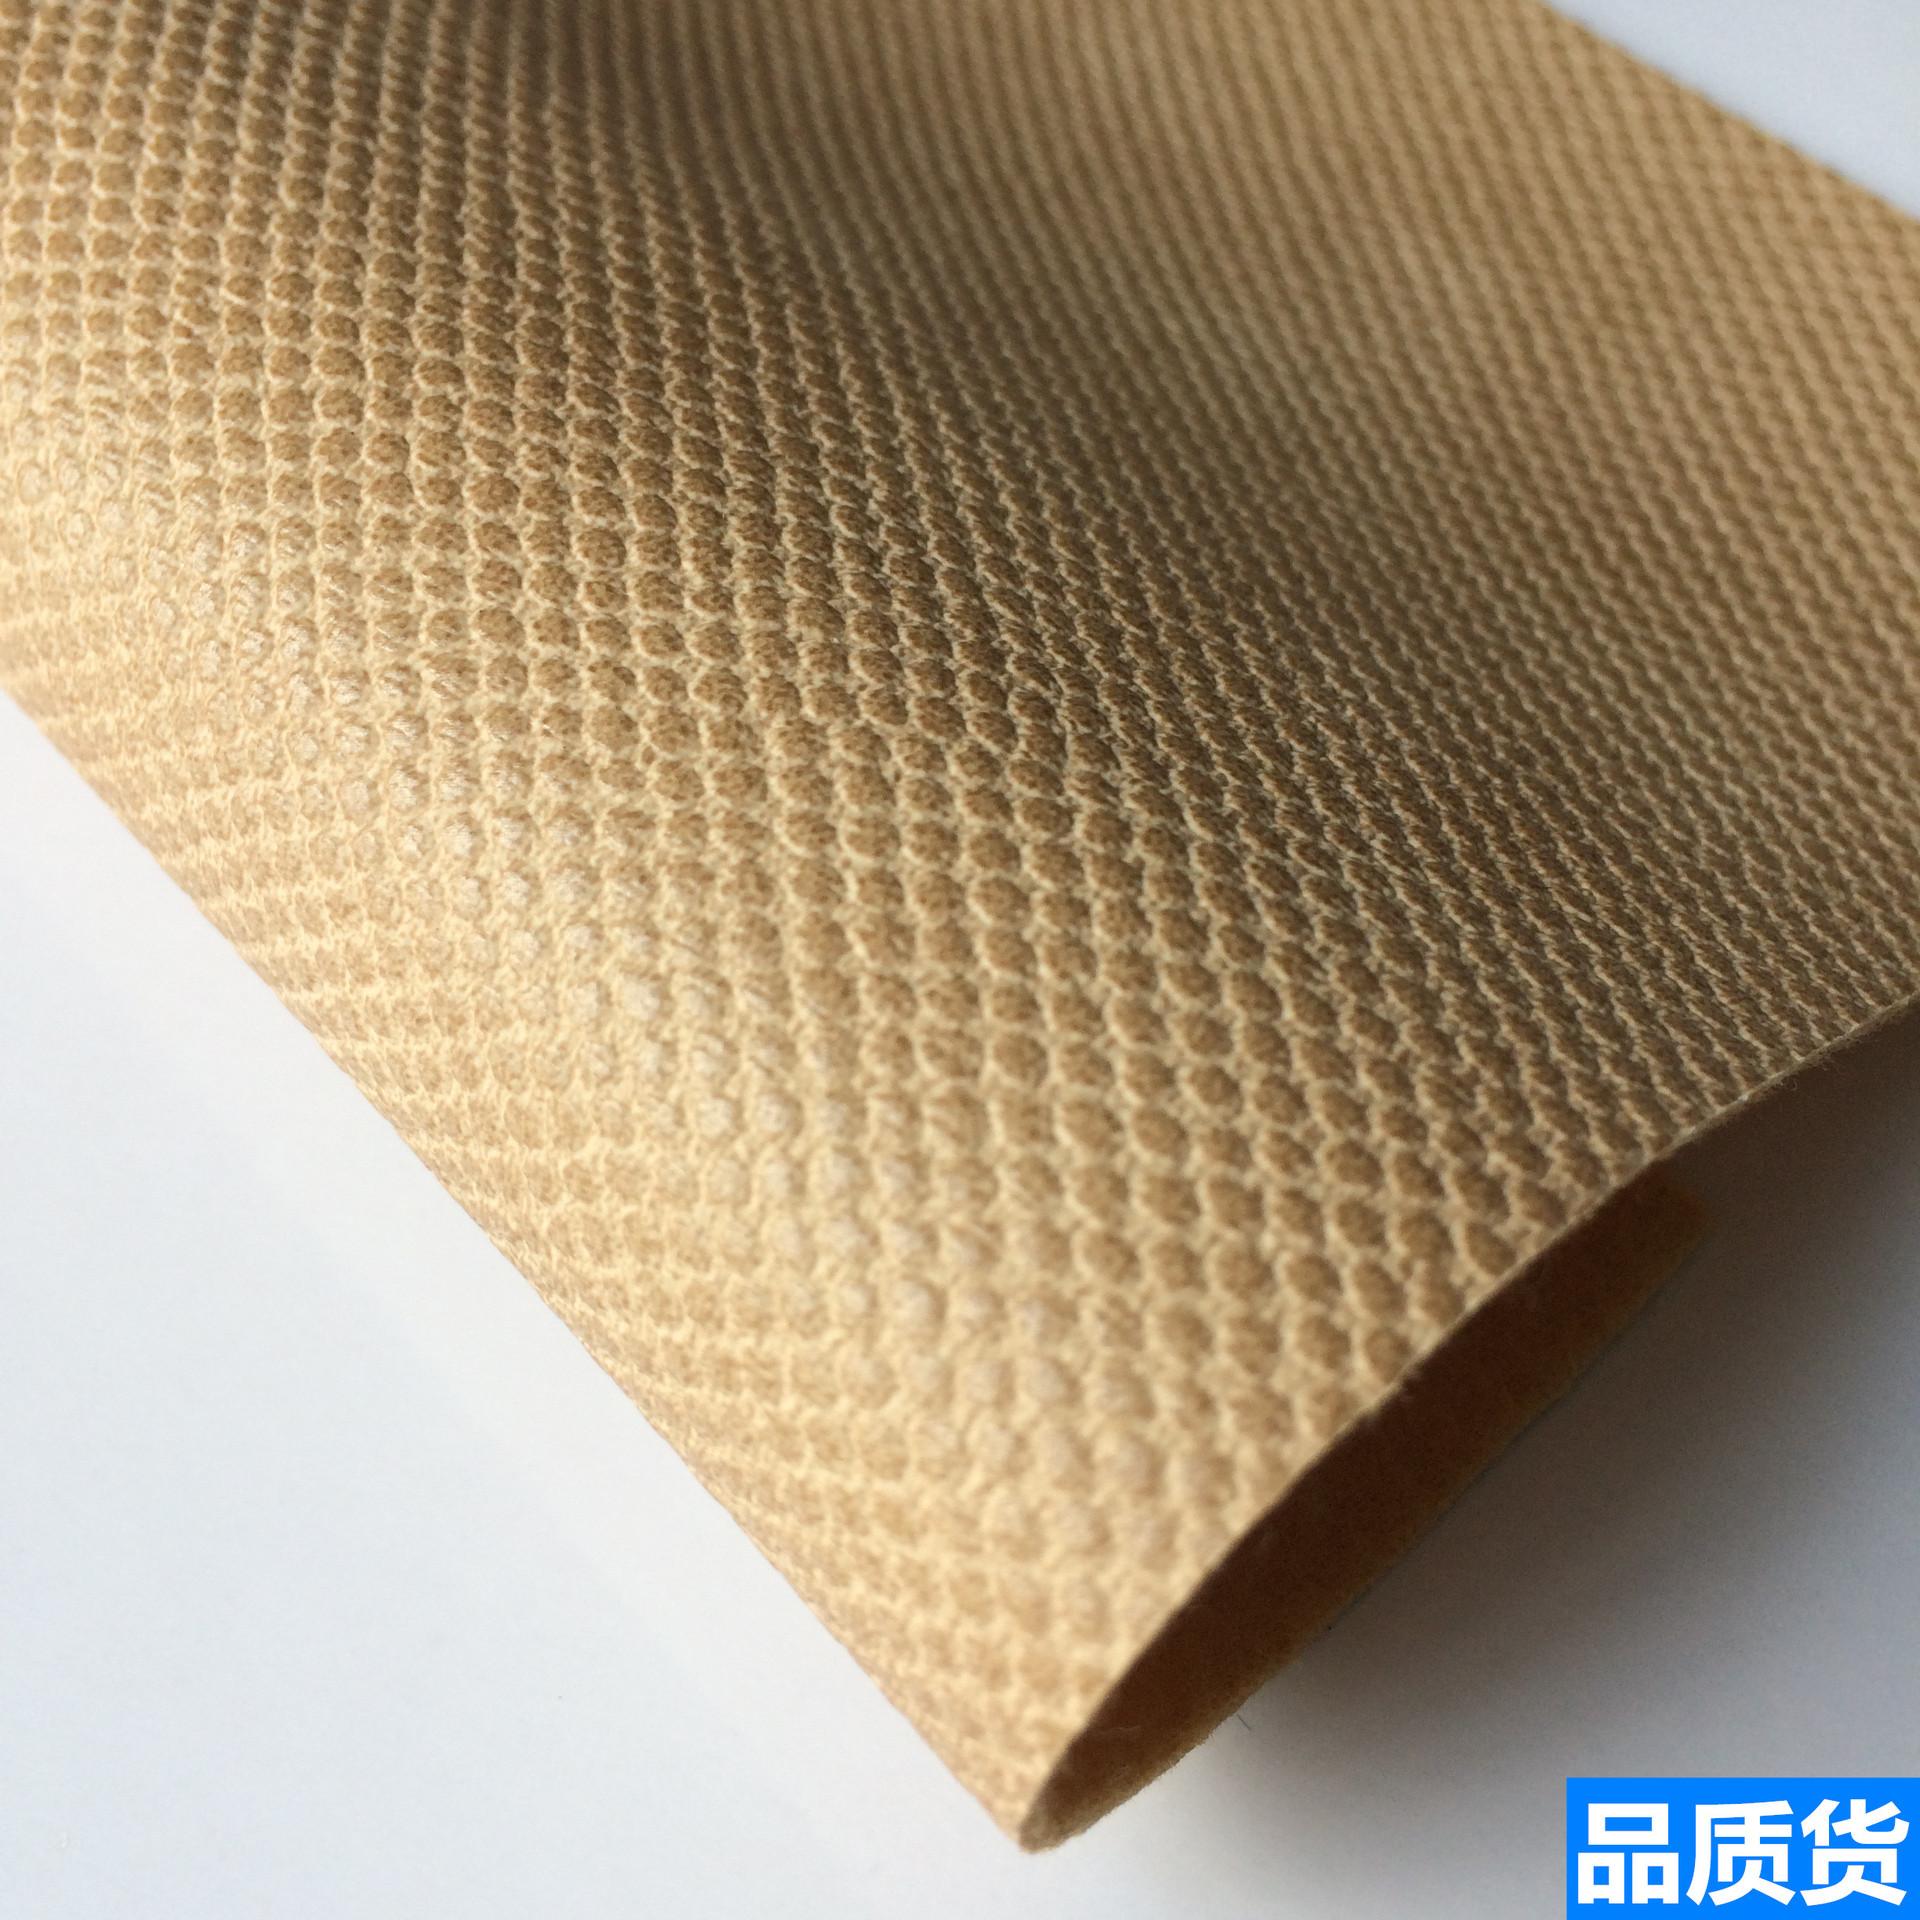 DINGTIAN Da bò Các nhà sản xuất chất lượng cao tại chỗ bán nóng Bán vải PU nhỏ chấm nhỏ Vải thảm trả